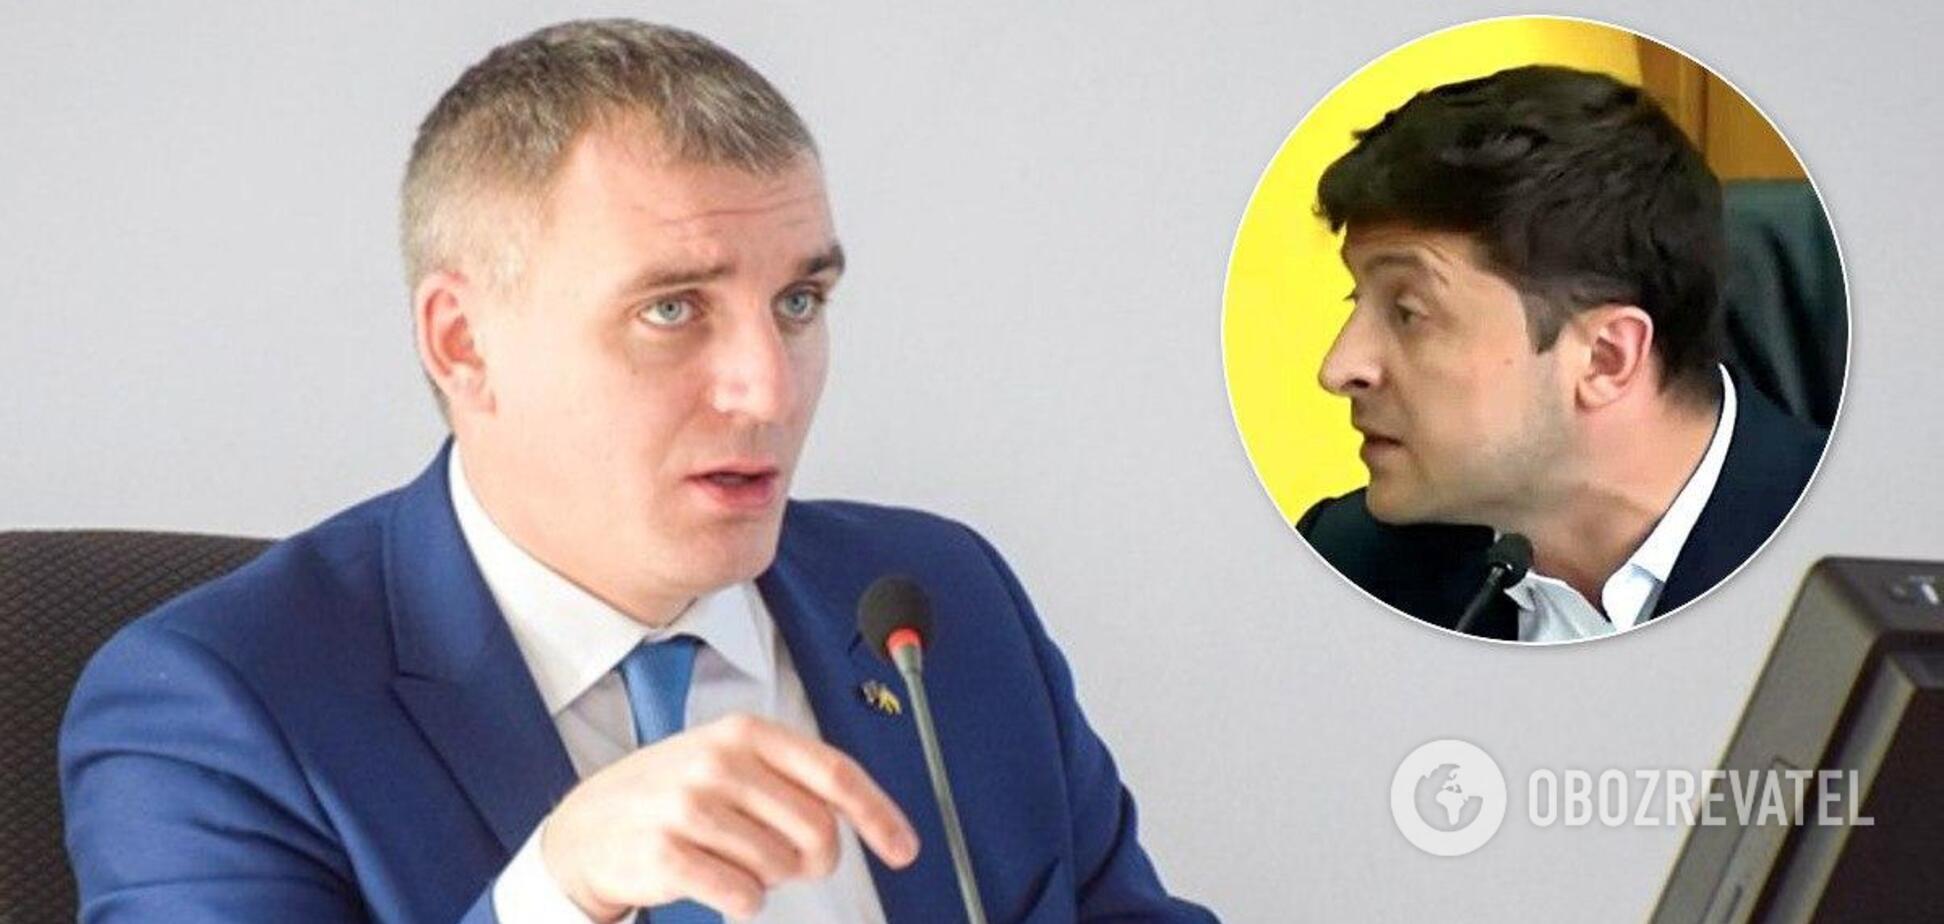 'Вийди звідси!' Мер Миколаєва 'увімкнув Зеленського' на зустрічі з таксистами. Відео